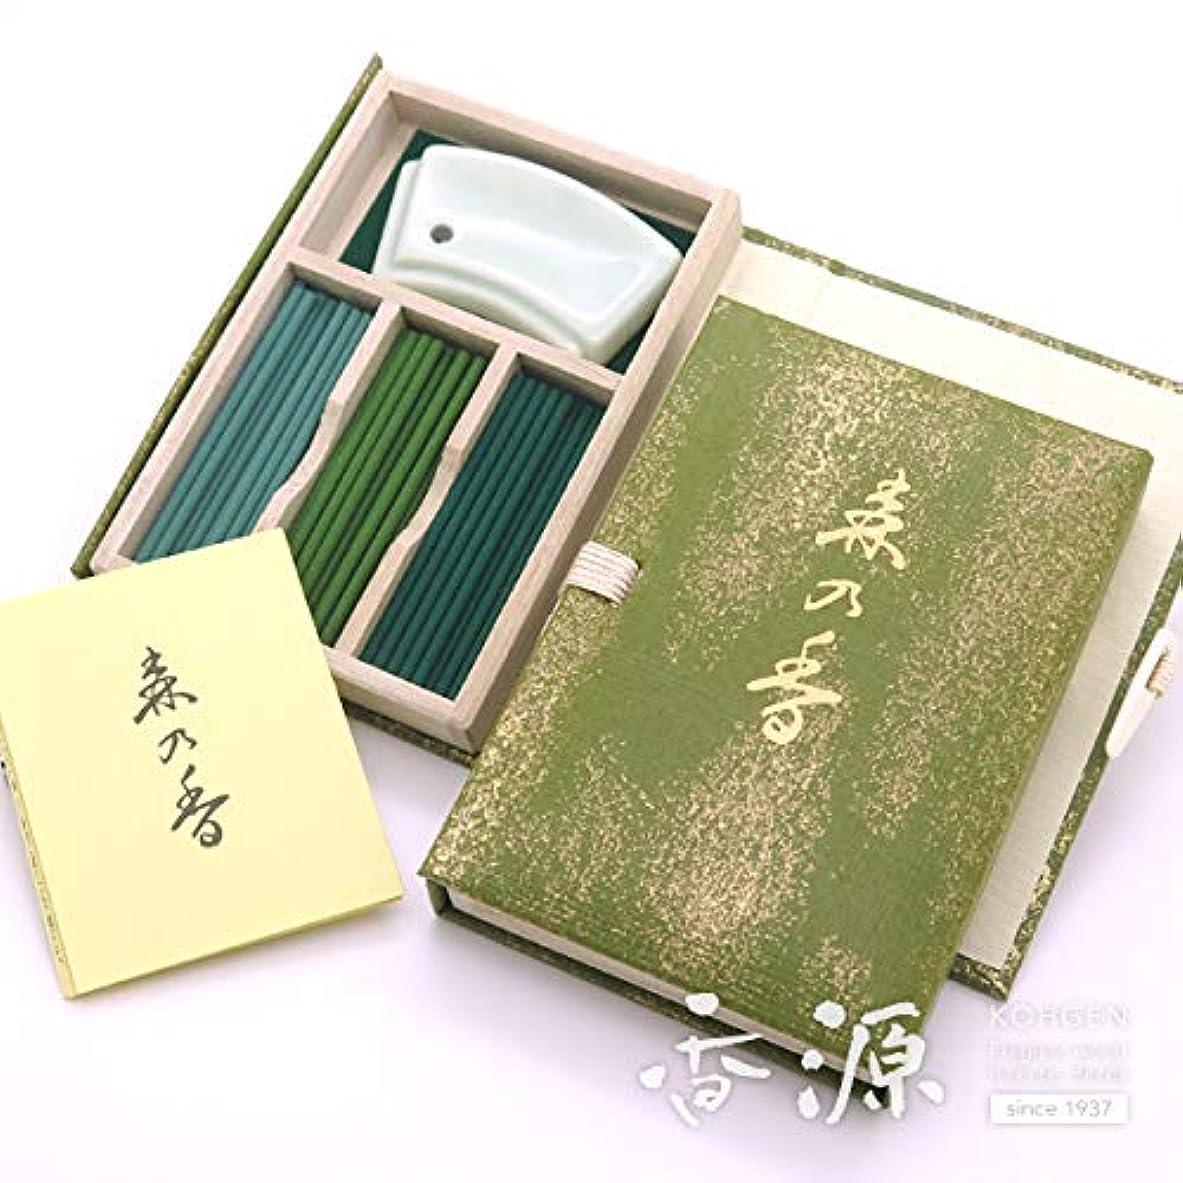 庭園保護散文日本香堂のお香 森の香 スティックミニ寸文庫型 60本入り